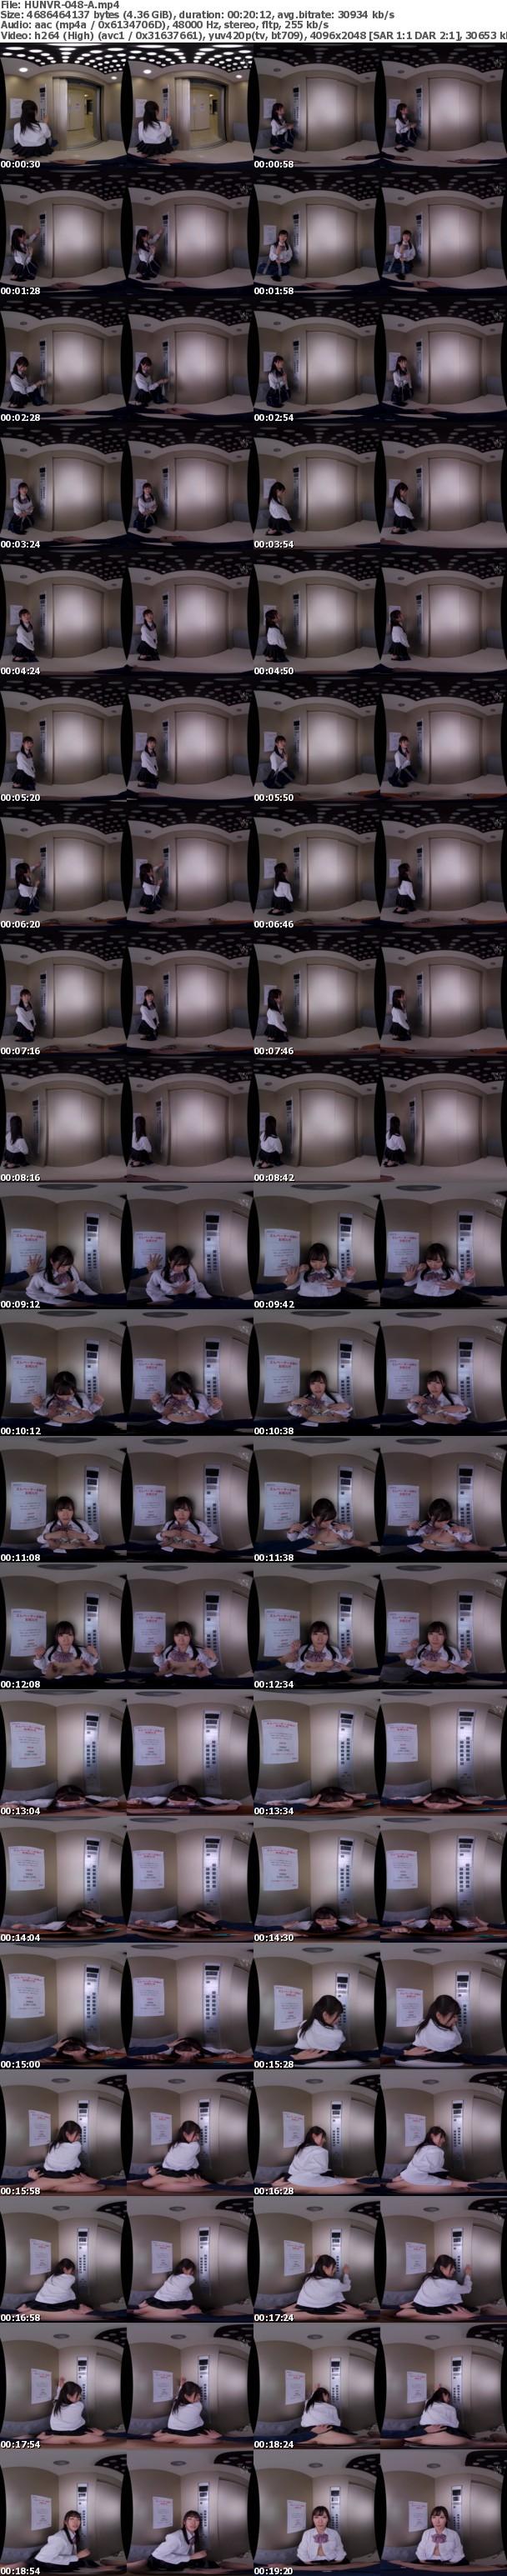 (VR) HUNVR-048 エレベーター緊急停止VR たまたま同乗していた超可愛い女子○生が不安そうにボクに近づいて来たので『もしかしてイケるのでは?』と思って胸を揉んだらまさかの拒絶…いやいや当然の拒絶!逃げる女子○生を追いかけまわして後に引けないボクは強引に胸を揉み続け…